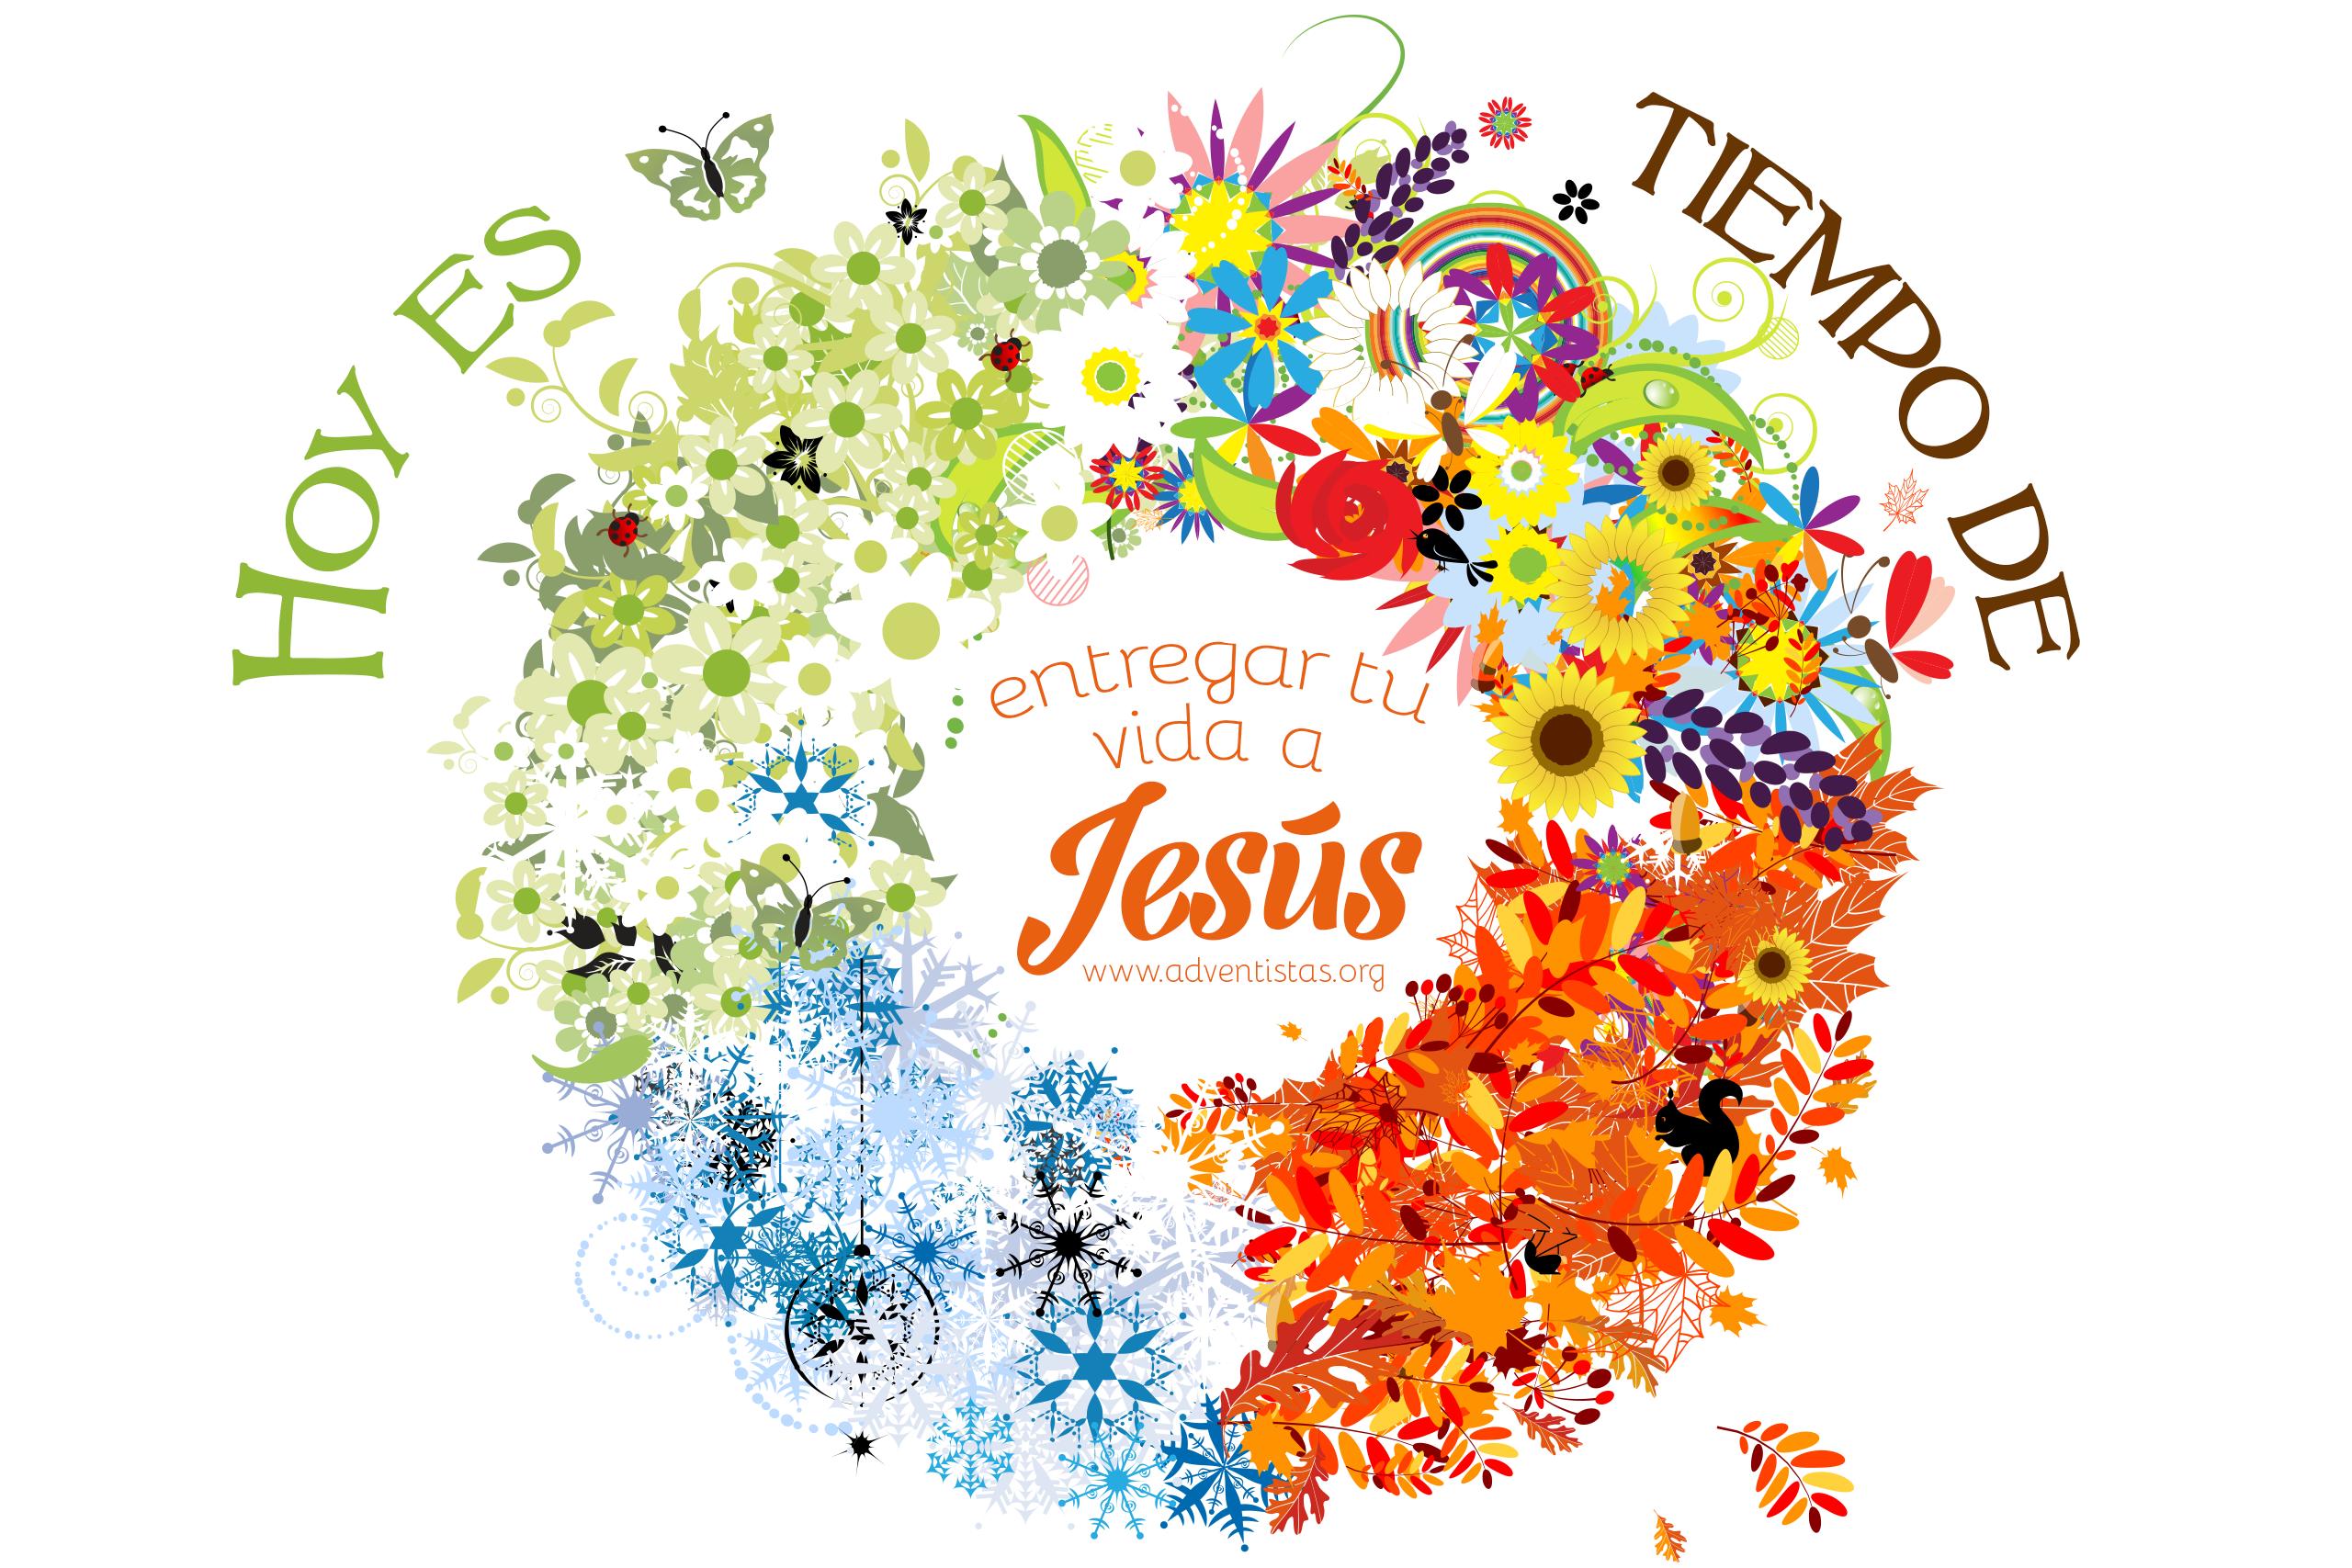 tiempo-de-entregar-jesus